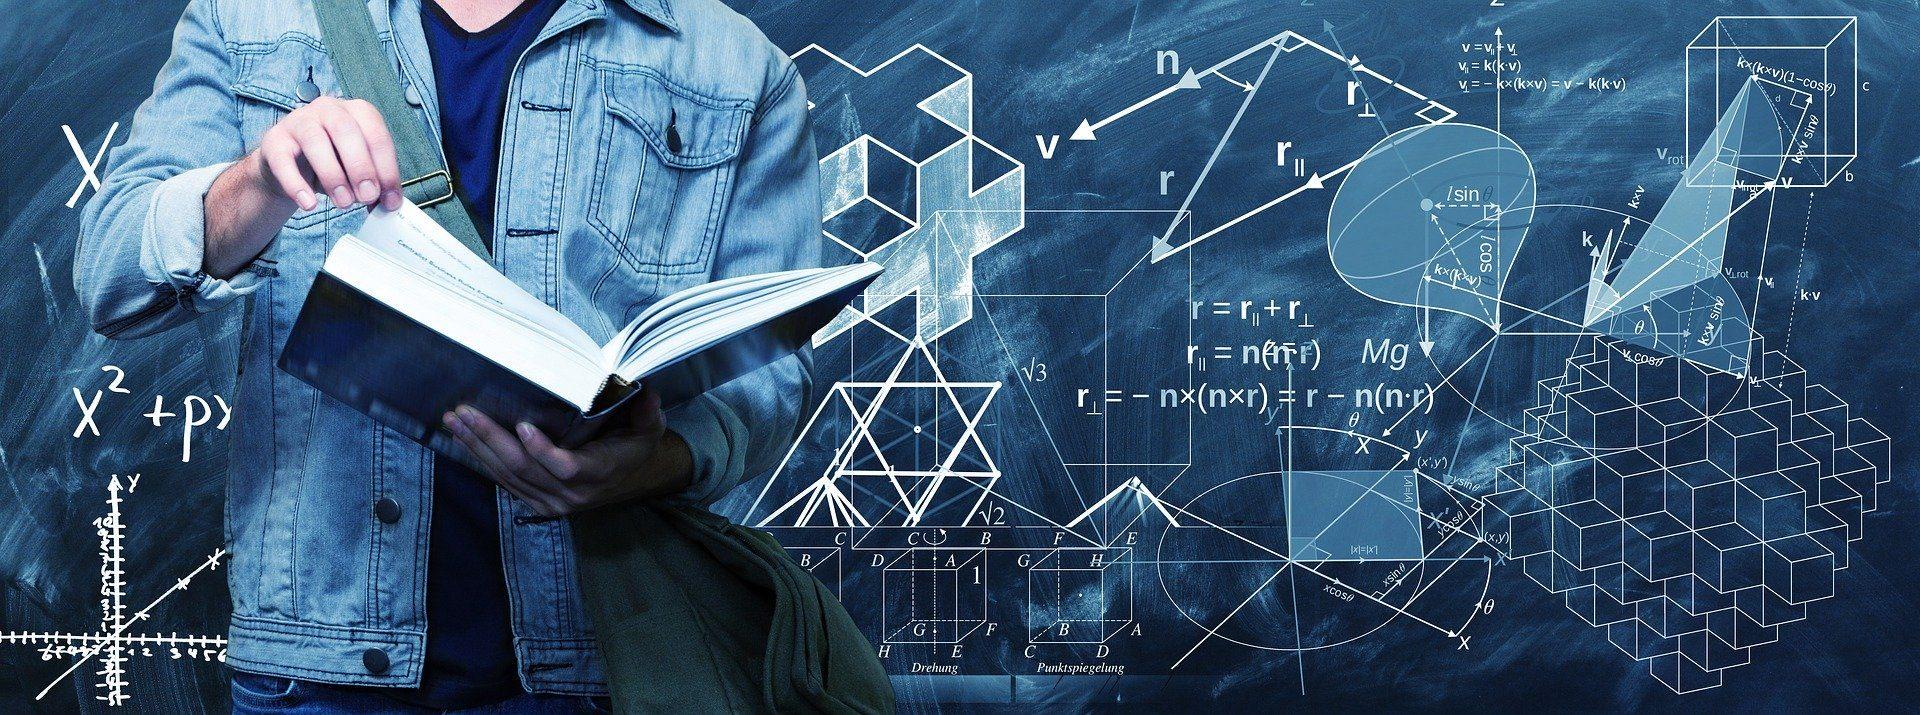 Ученый Валенсиза математически доказал усложнение мемов с годами